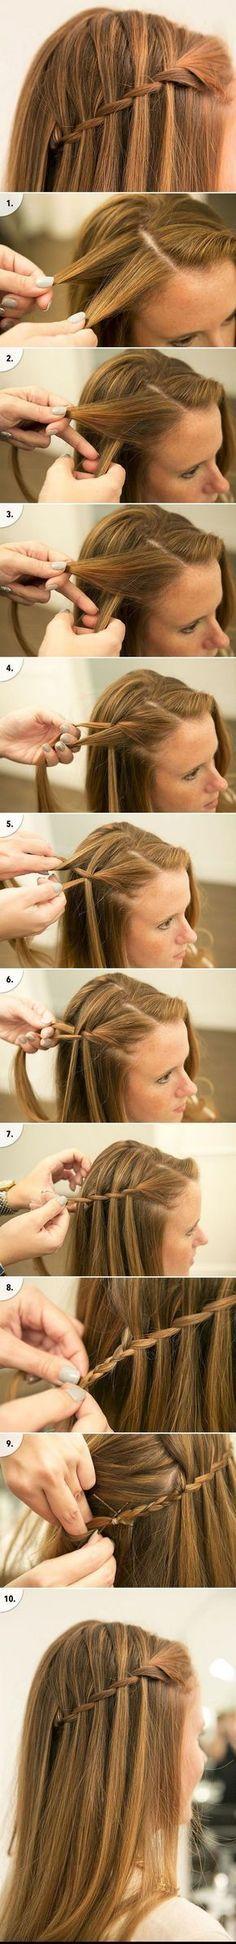 Más de 22 peinados fáciles paso a paso, Â¡no te lo pierdas! Más